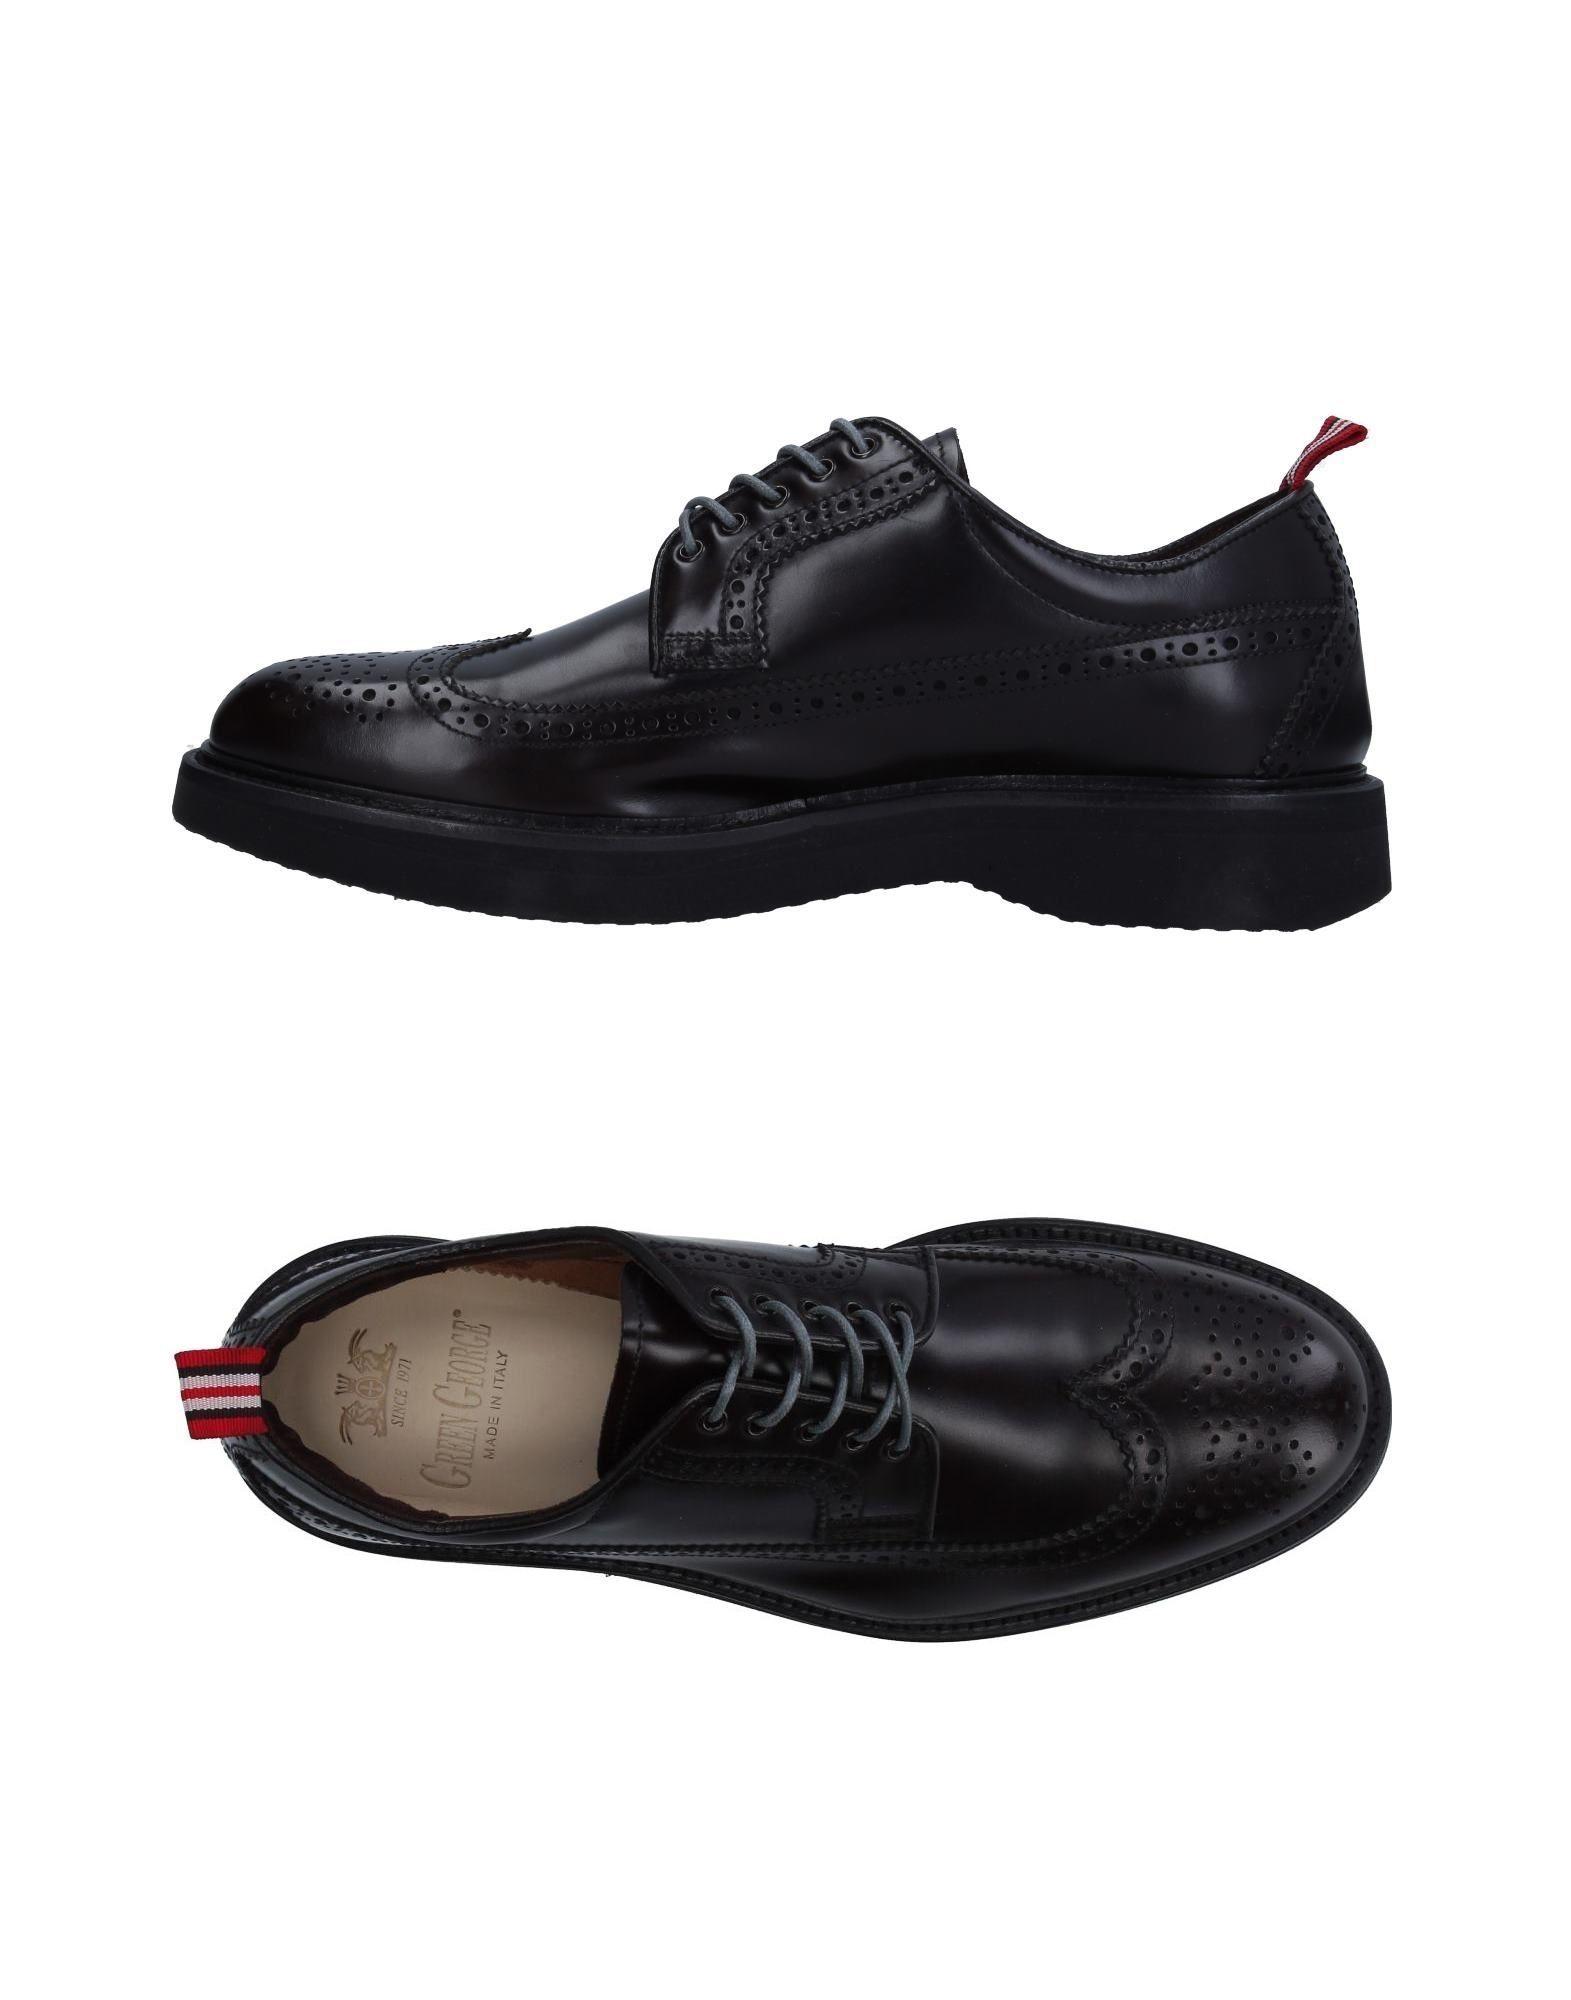 Green George Schnürschuhe Herren  11295852LH Gute Qualität beliebte Schuhe